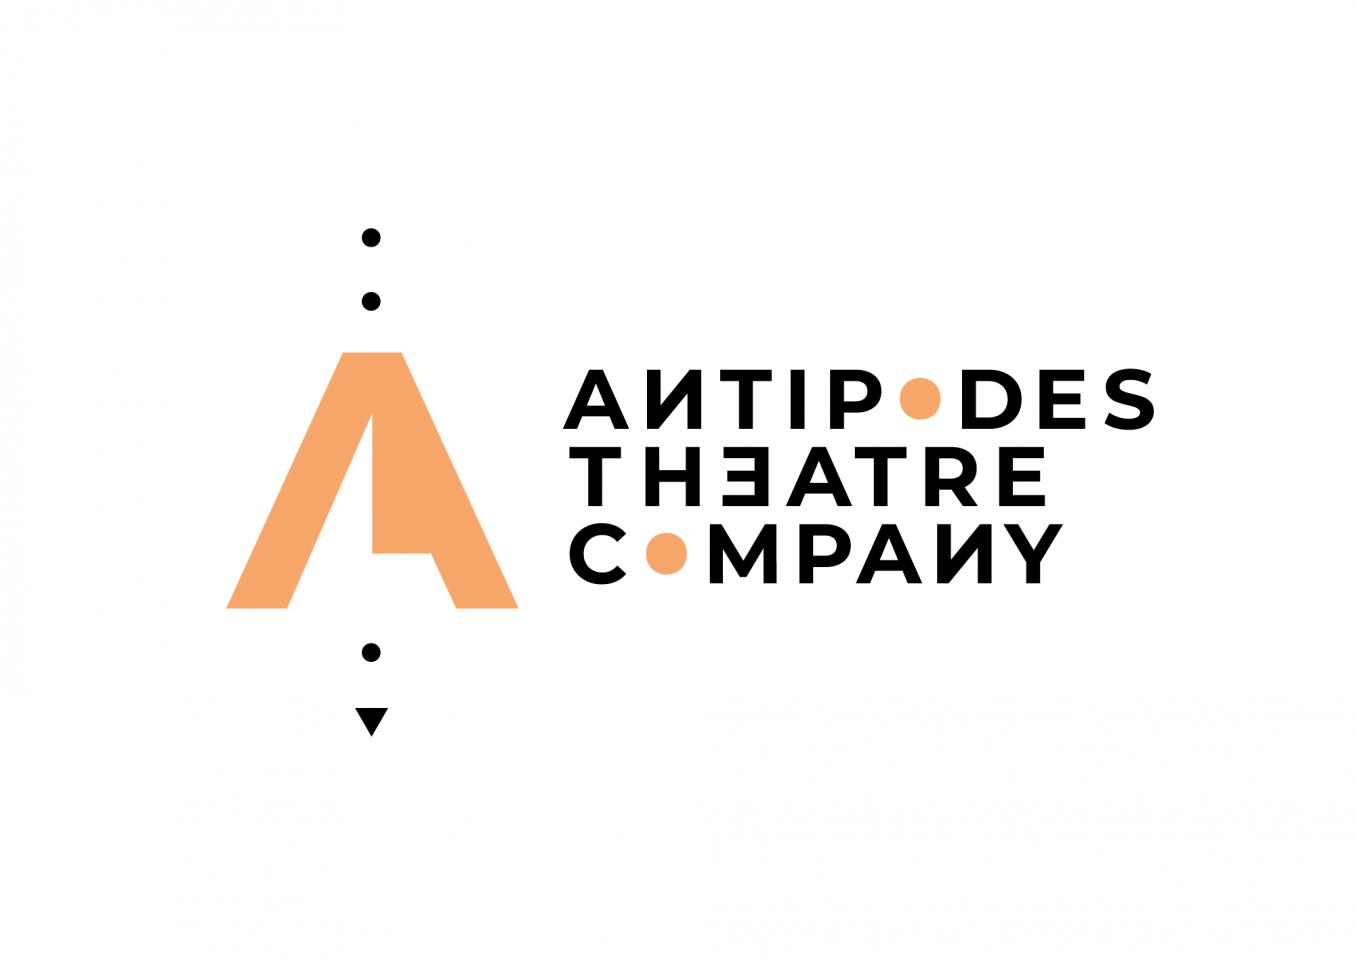 Antipodes Theatre Company